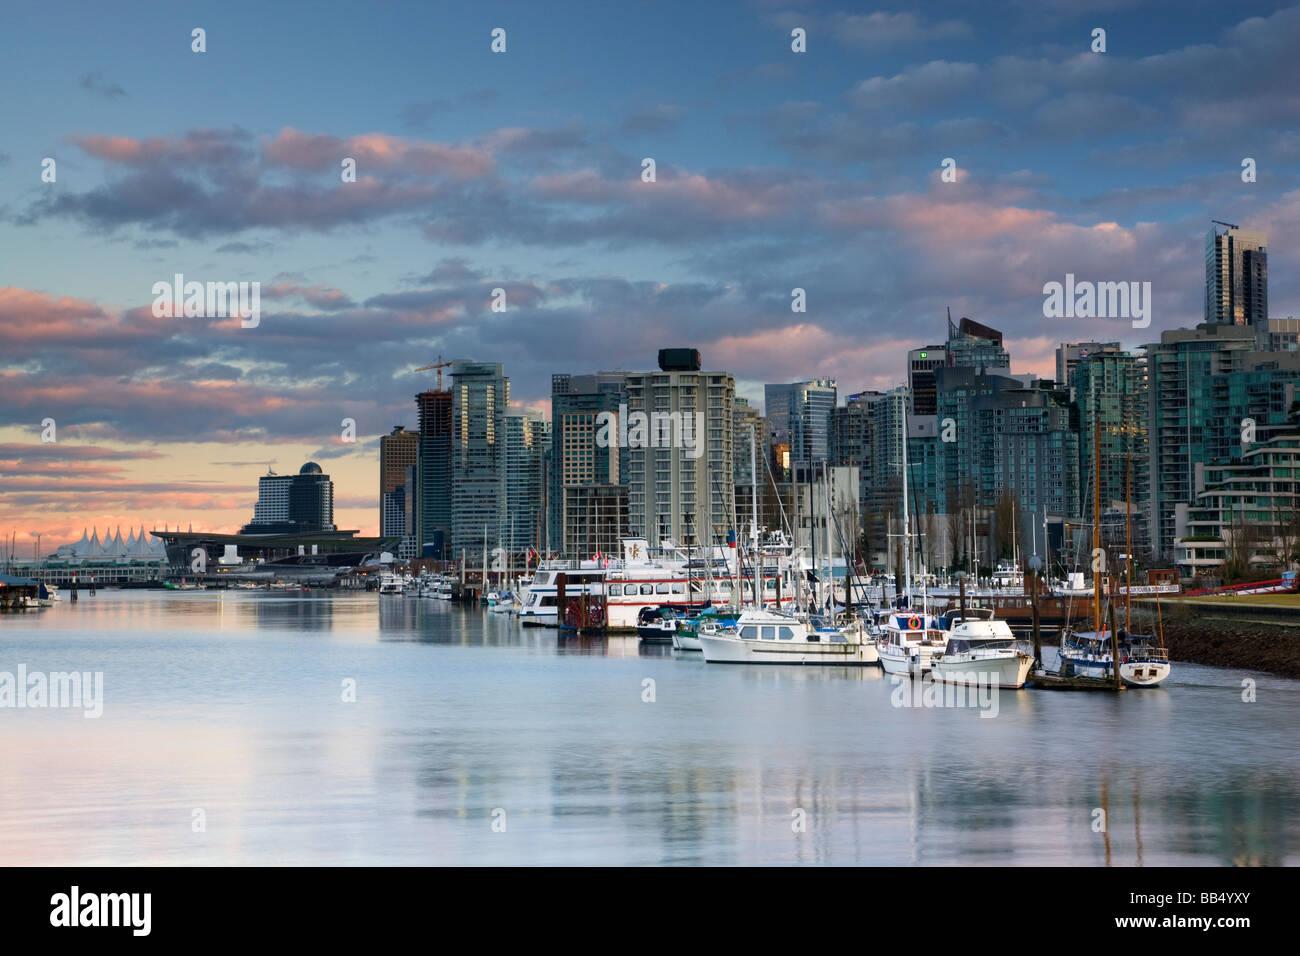 El horizonte de la ciudad de Vancouver, sede de los Juegos Olímpicos de Invierno del año 2010 British Imagen De Stock